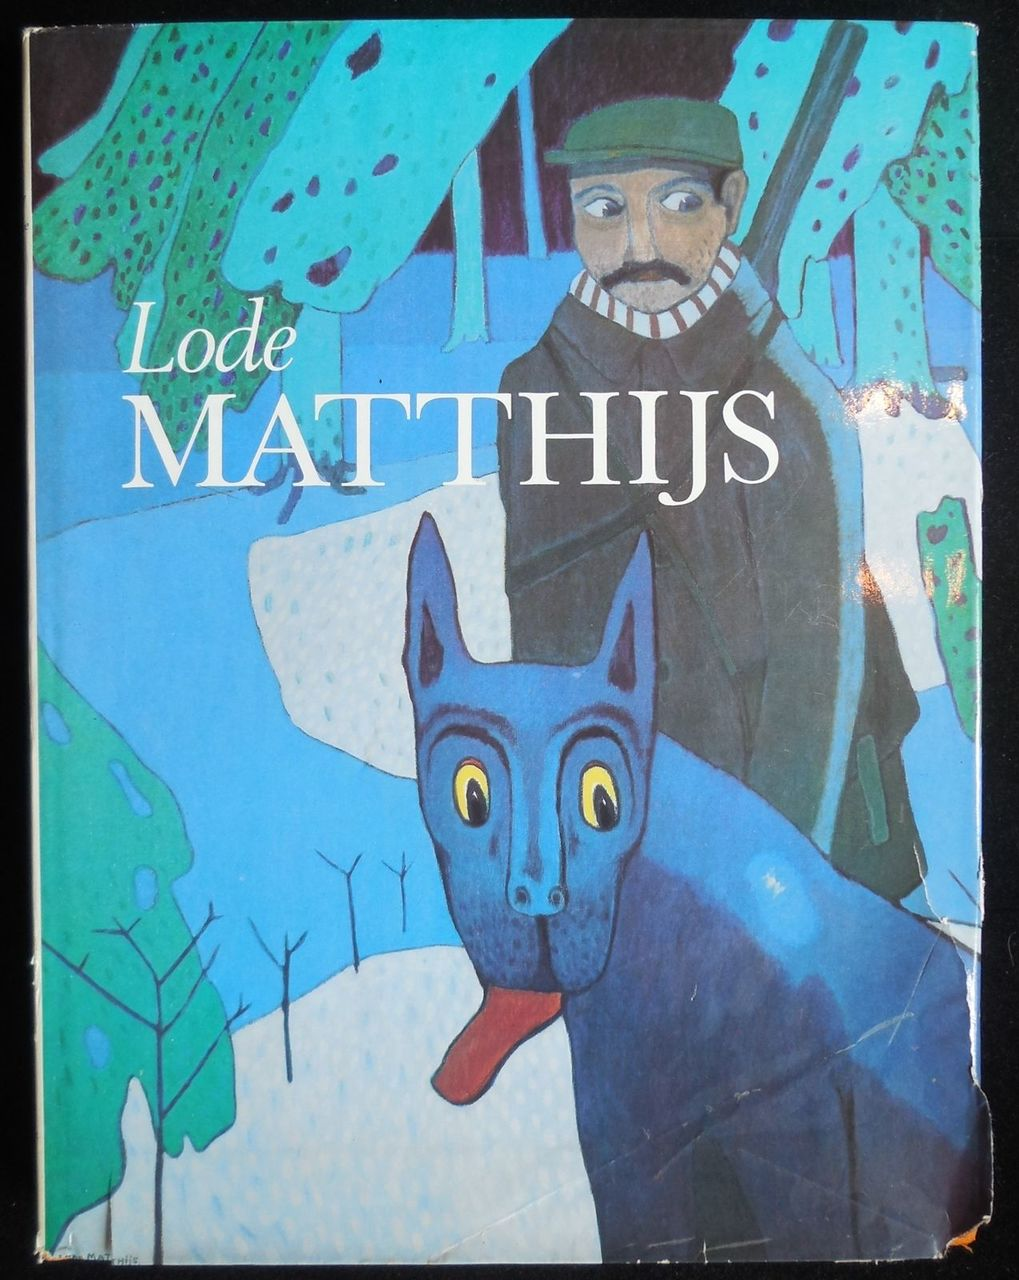 LODE MATTHIJS, by Serge Goyens de Heusch - 1979 [Ltd Ed]